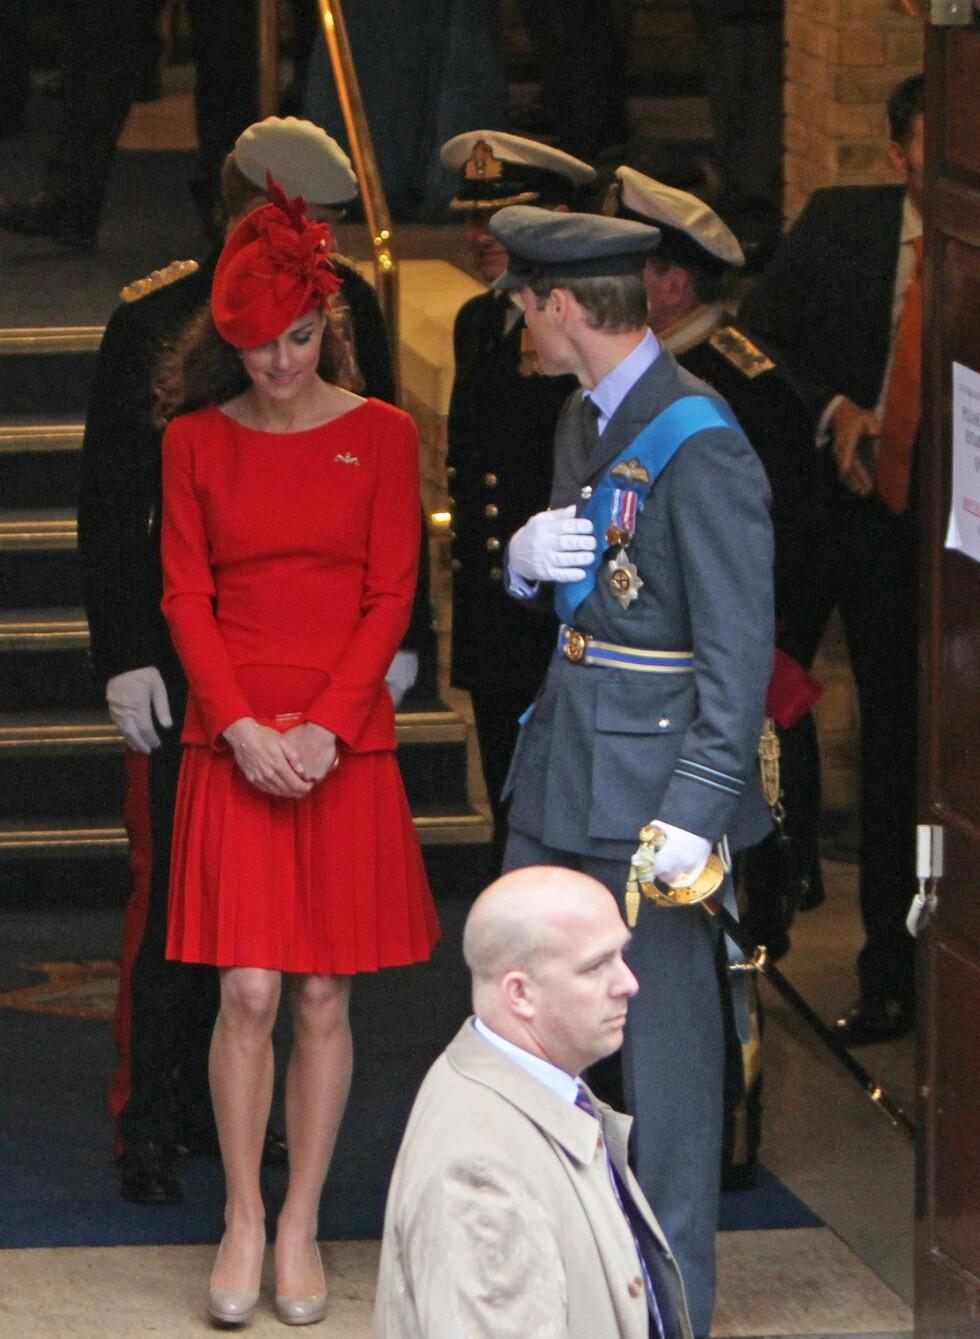 Under diamantjubileet for monarkiet nylig brukte Kate skoene sammen med en knallrød Alexander MqQueen-kjole. Foto: All Over Press